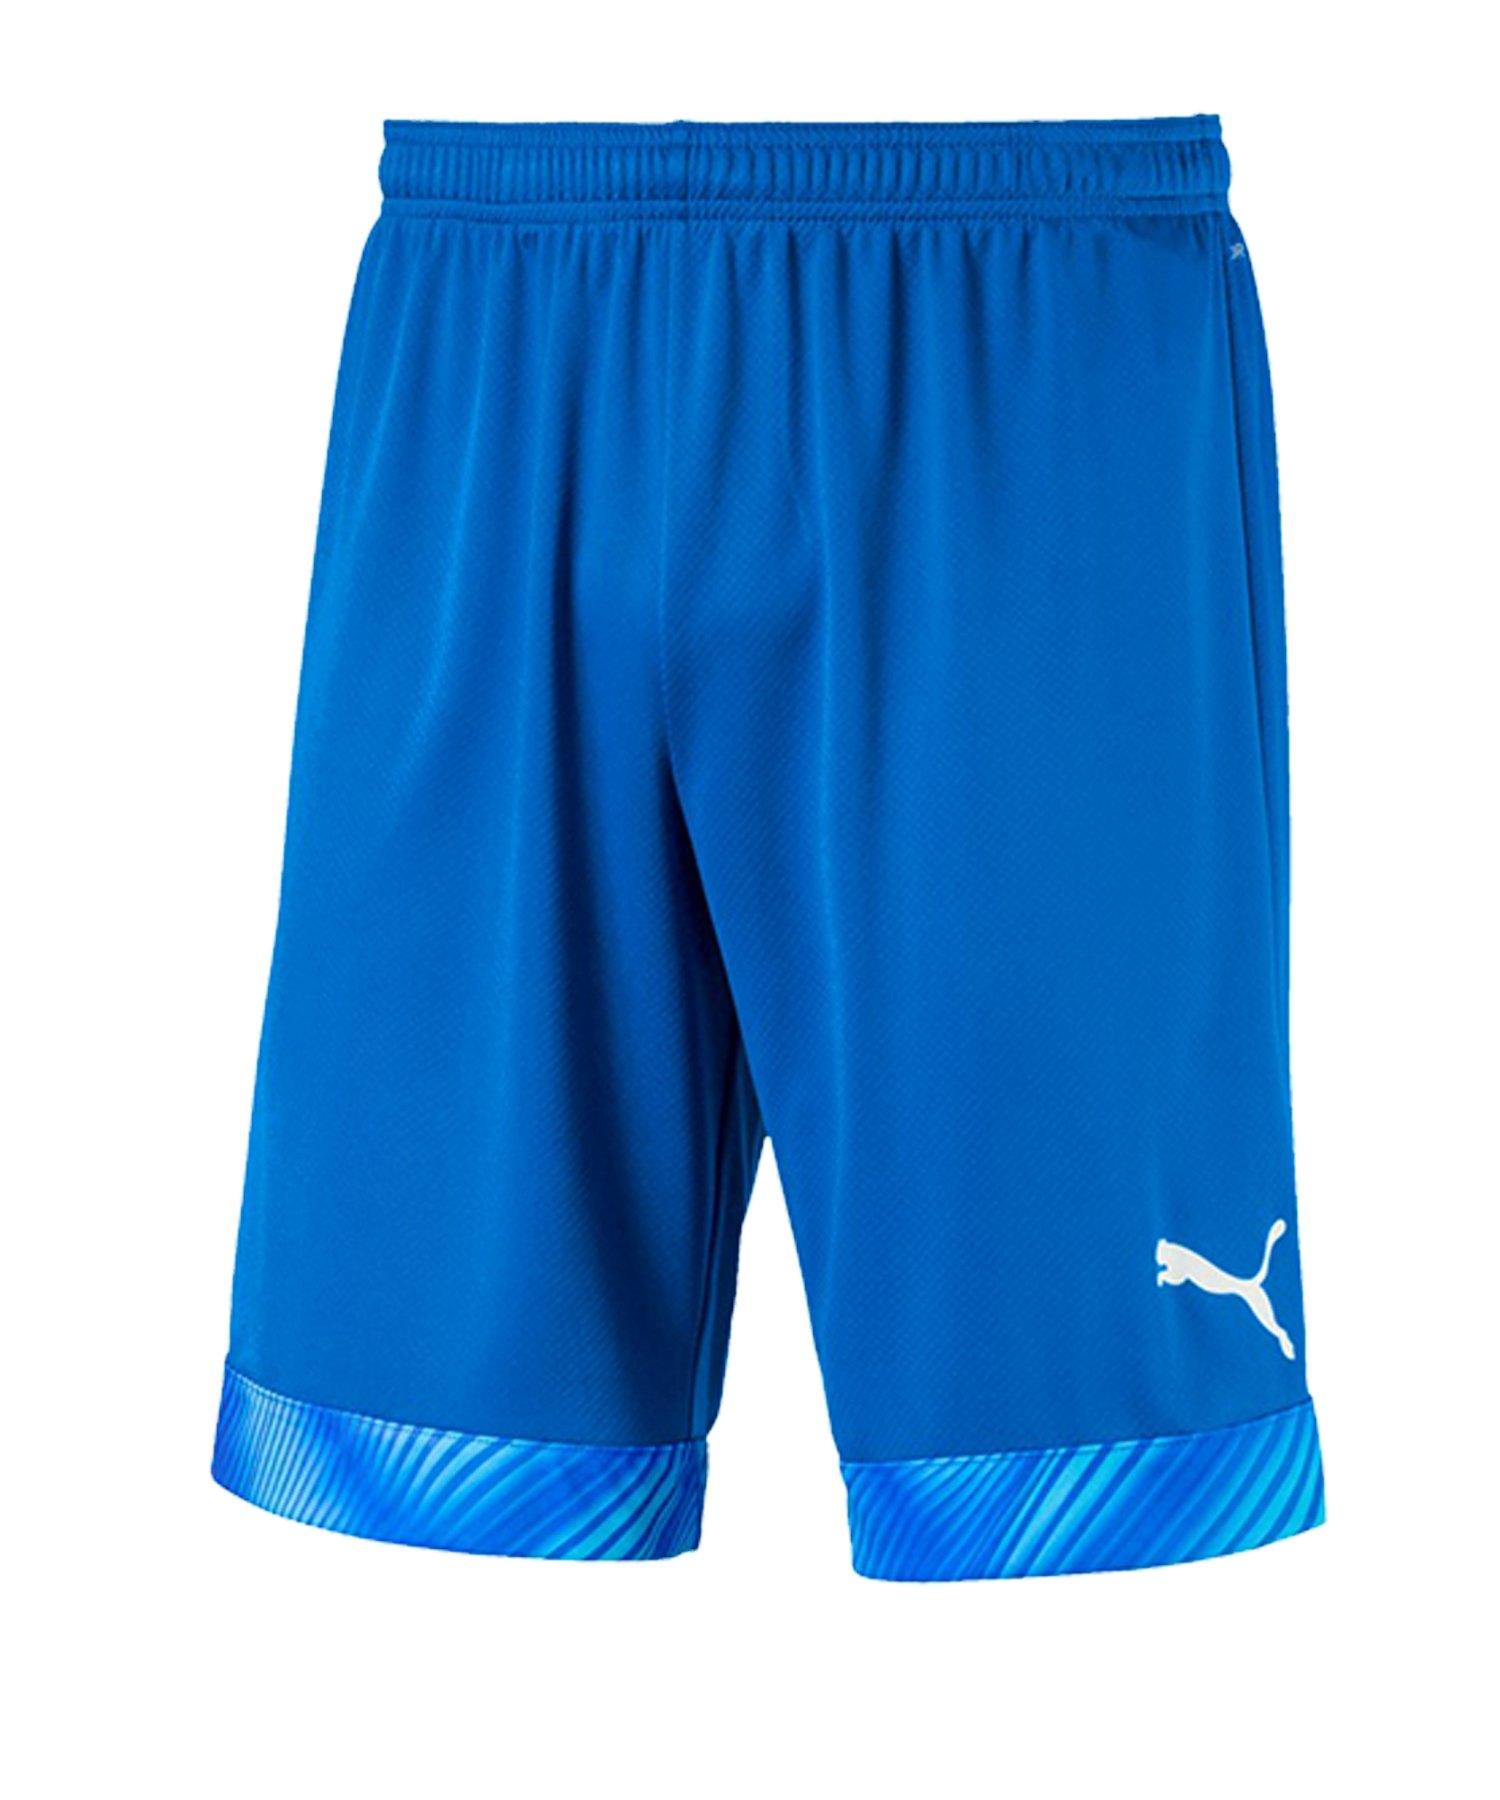 PUMA CUP Short Blau Weiss F02 - blau